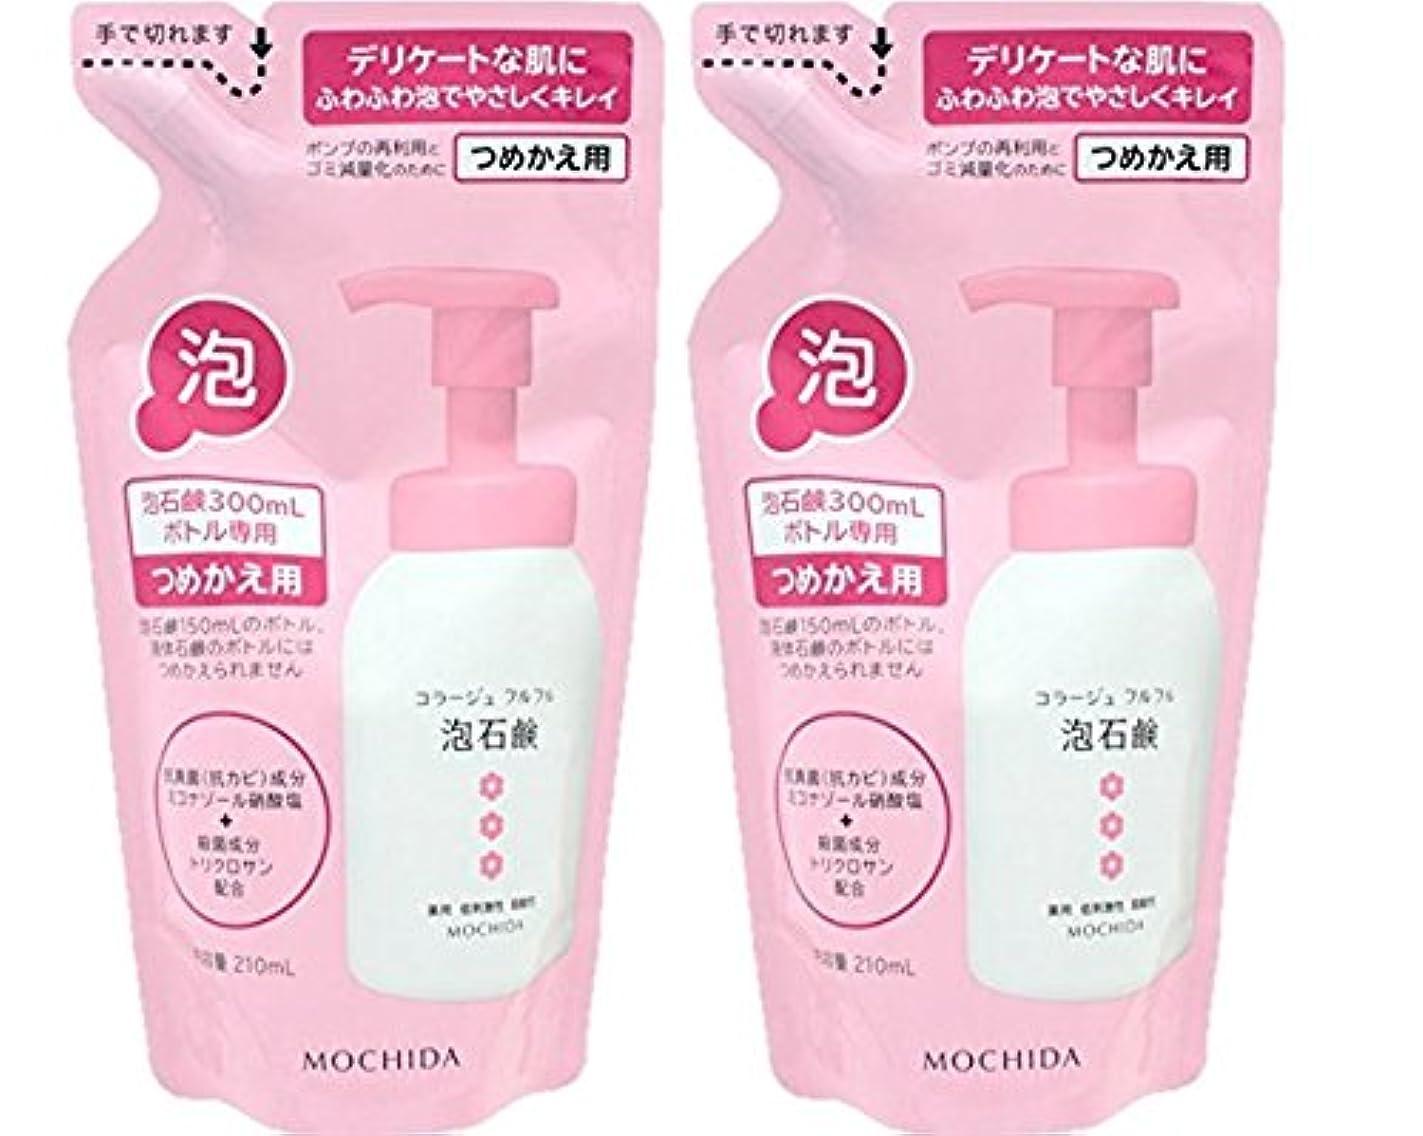 自体うるさい寄付するコラージュフルフル 泡石鹸 ピンク つめかえ用 210mL (医薬部外品)×2